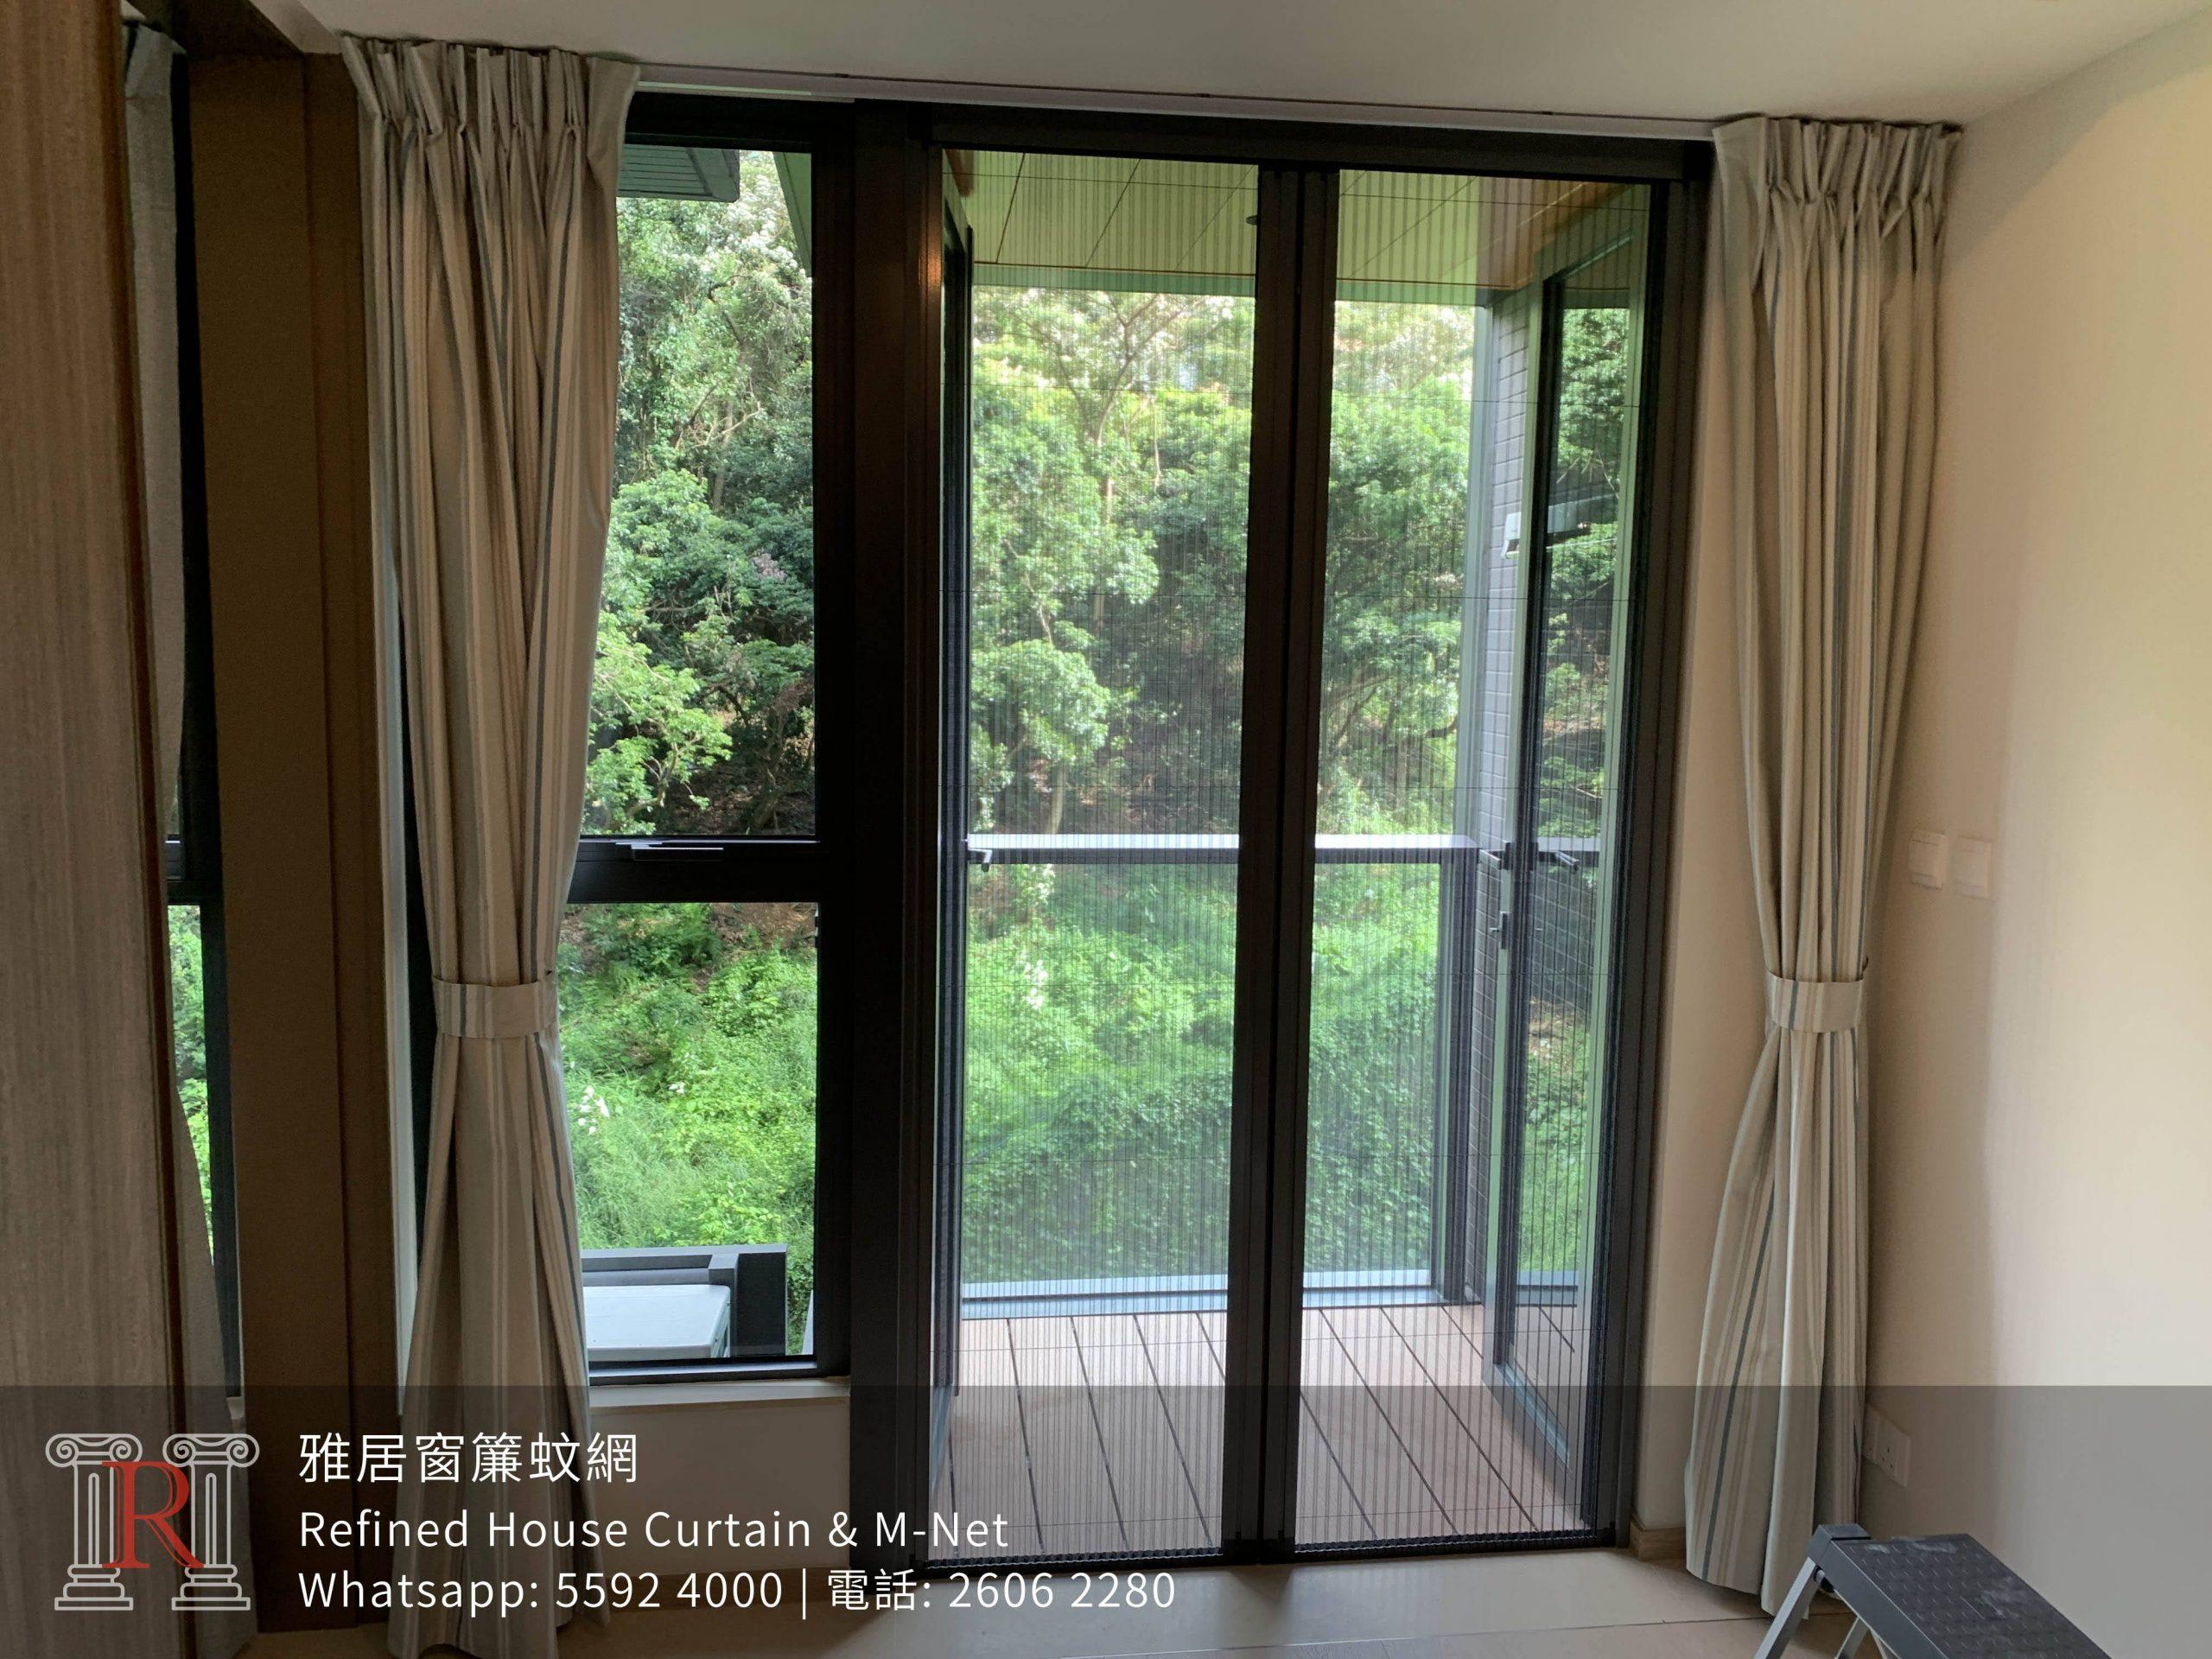 日式風琴防蚊網